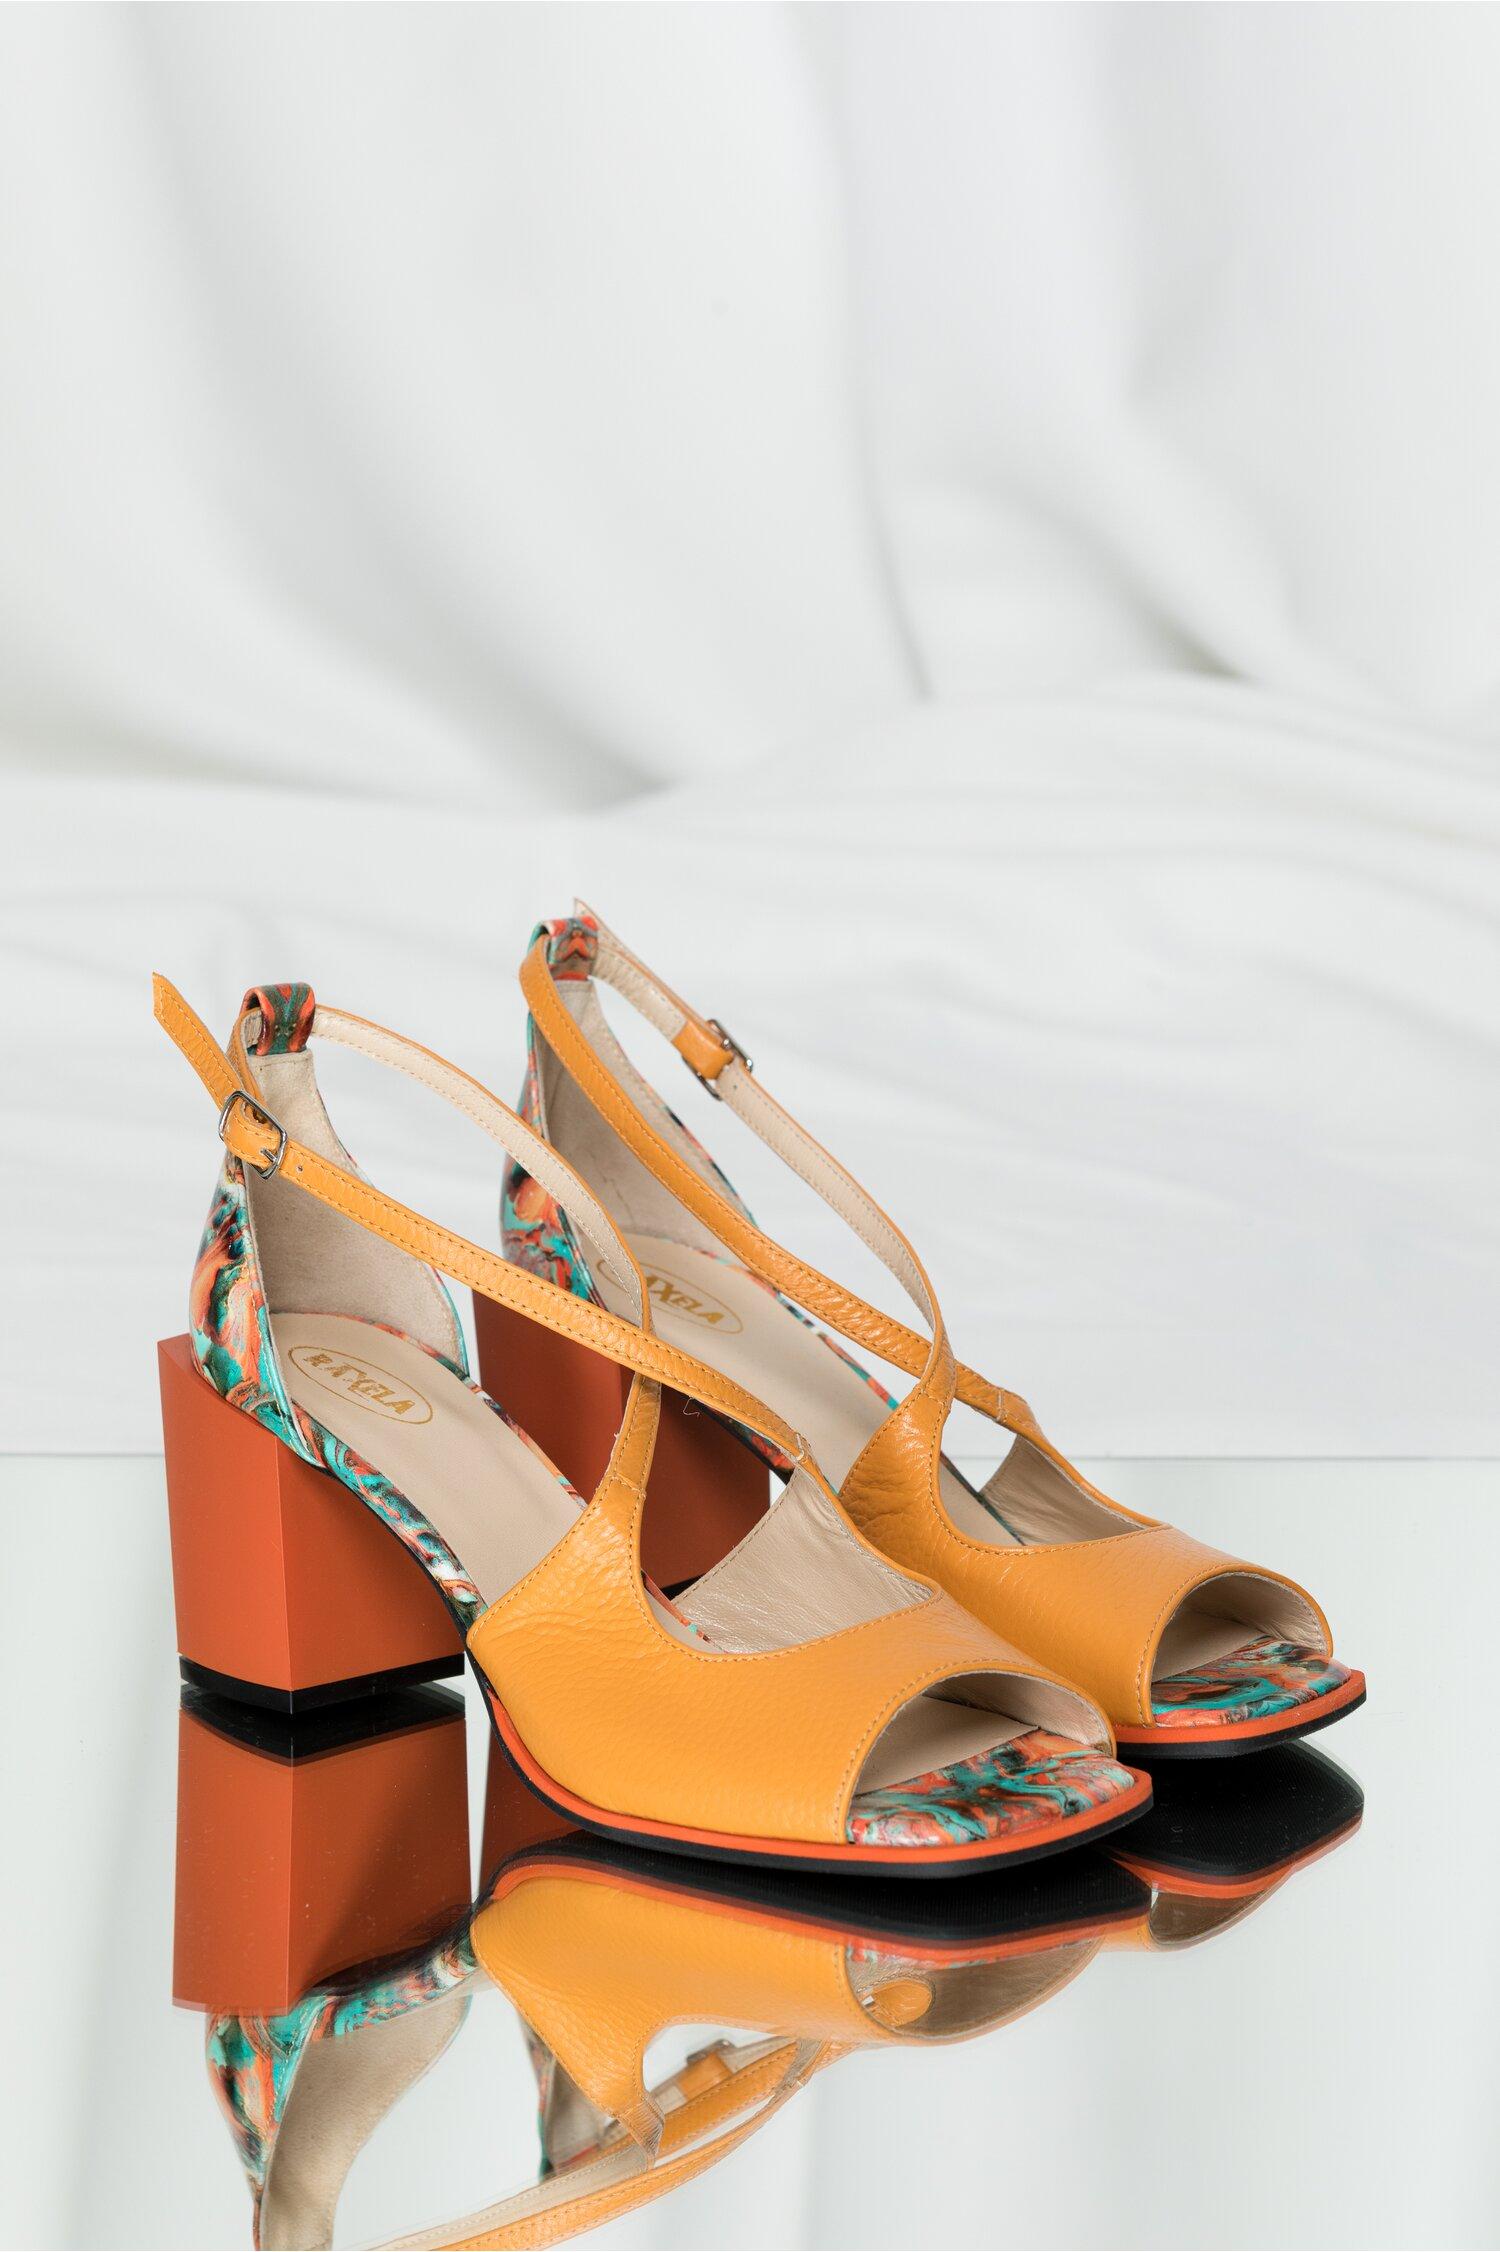 Sandale Kiara orange cu imprimeu geometric si barete incrucisate